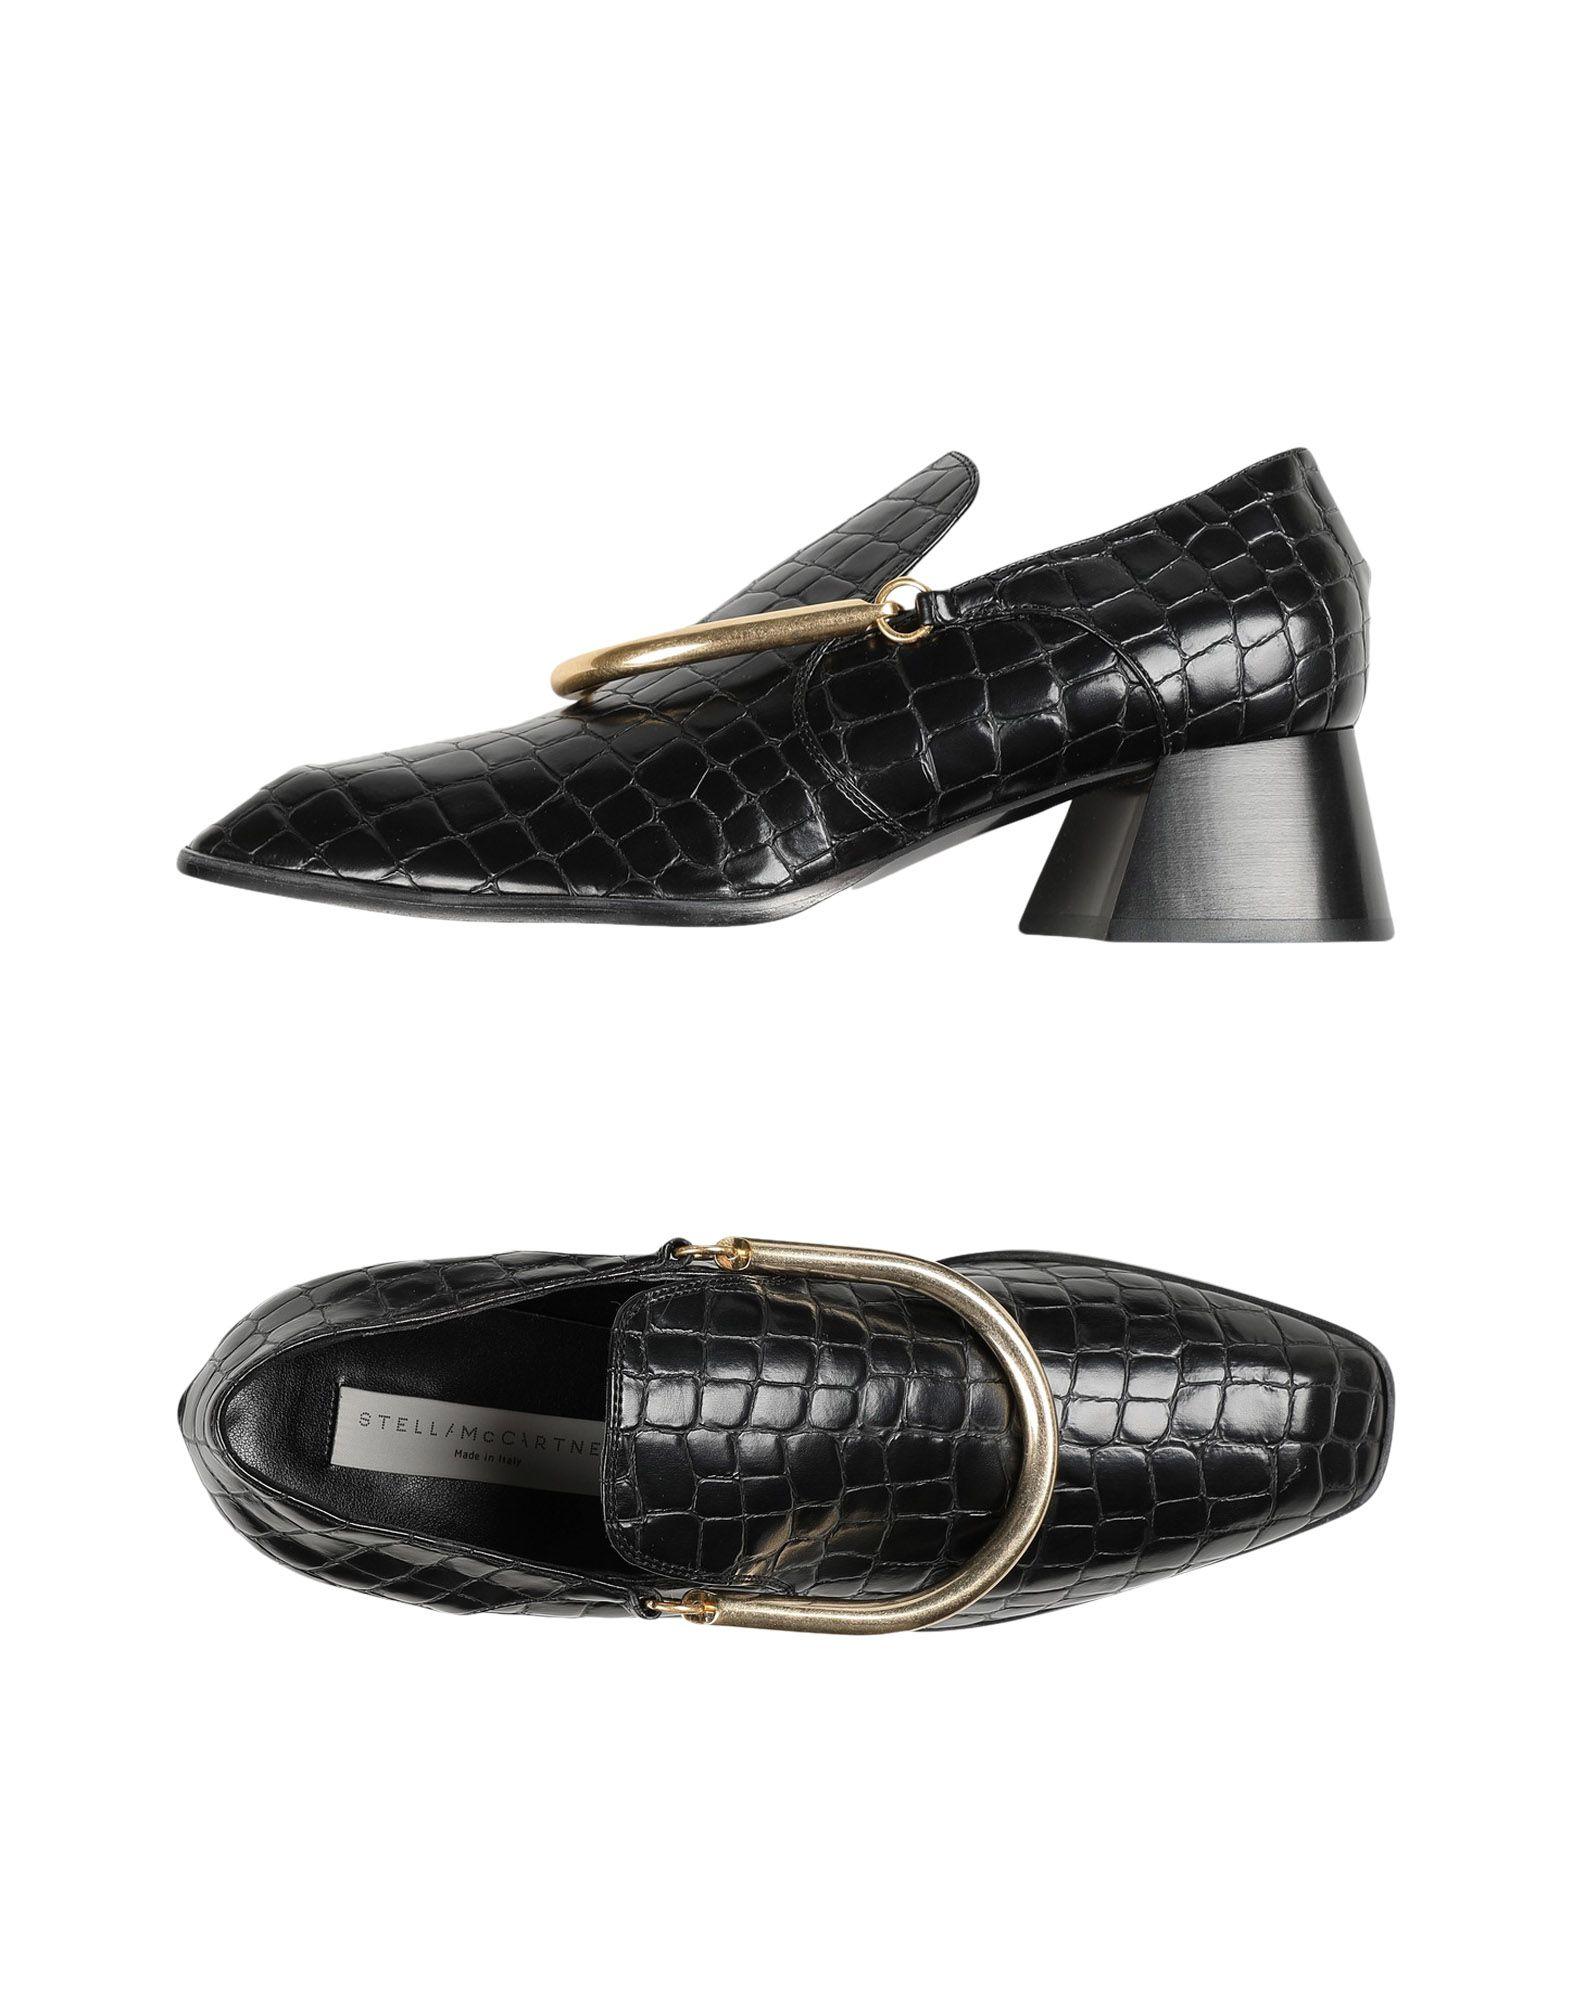 Stella Mccartney Mokassins Damen  11514652XWGut aussehende strapazierfähige Schuhe